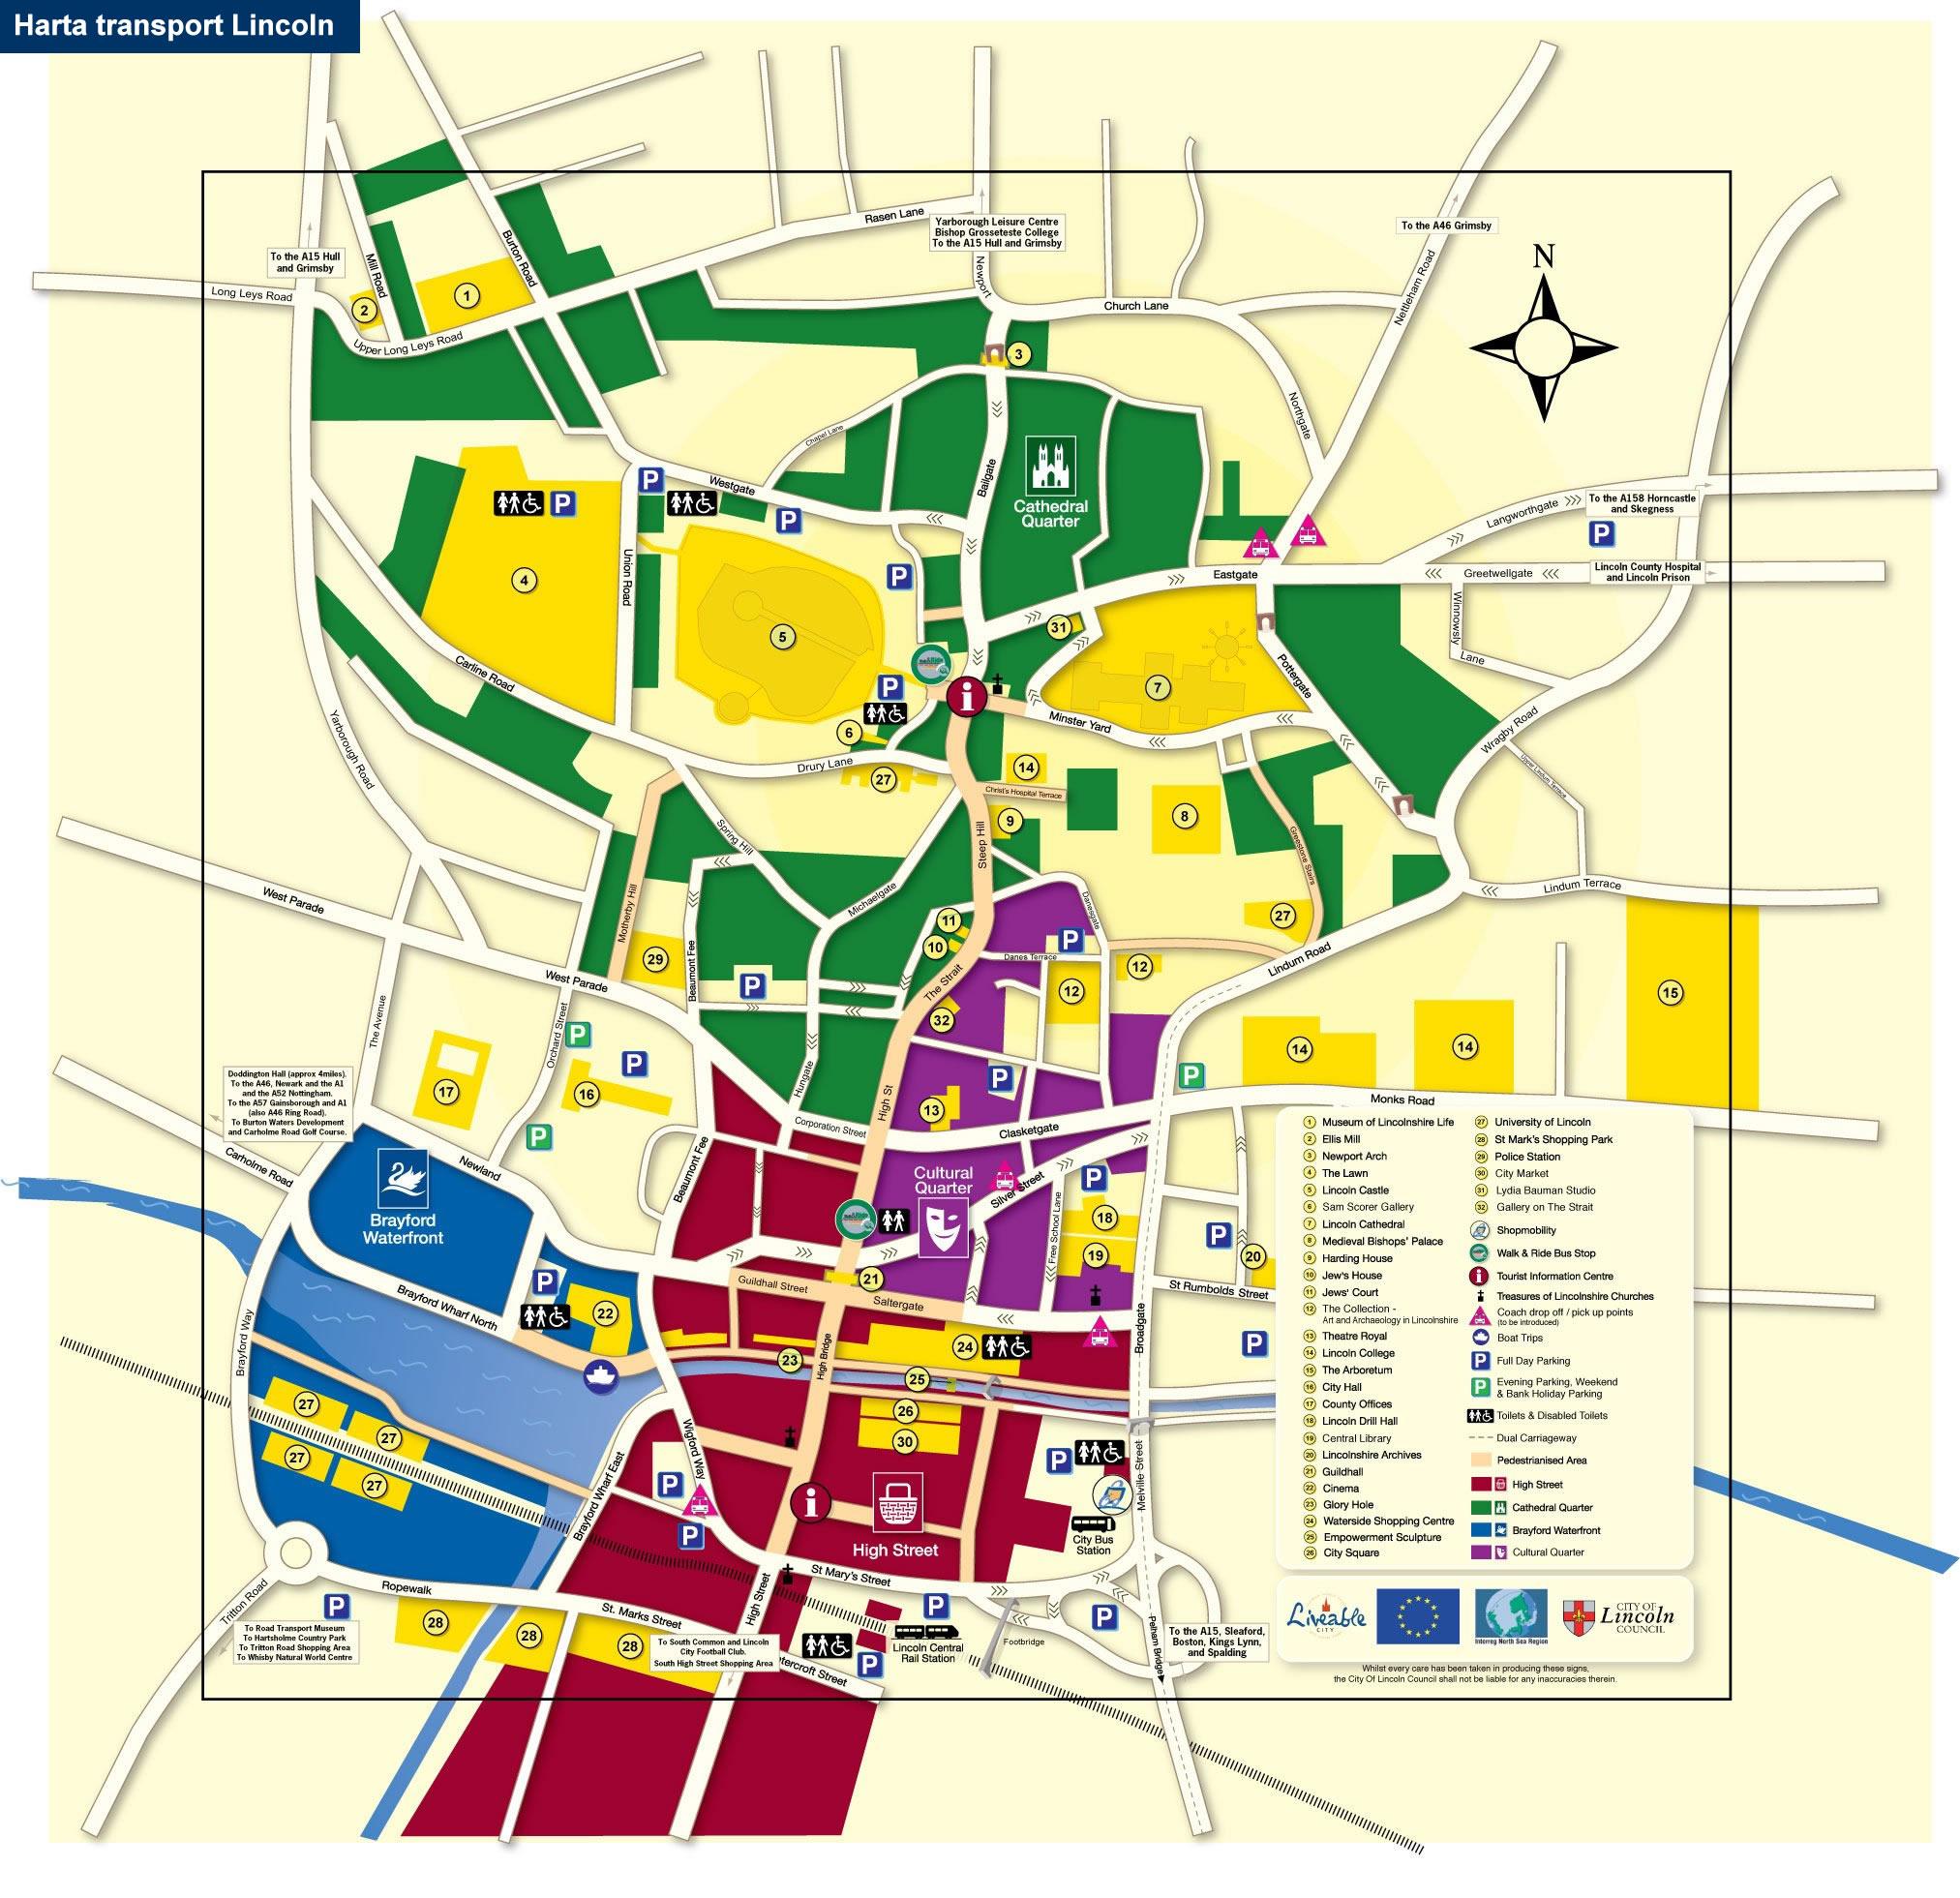 Harta Lincoln